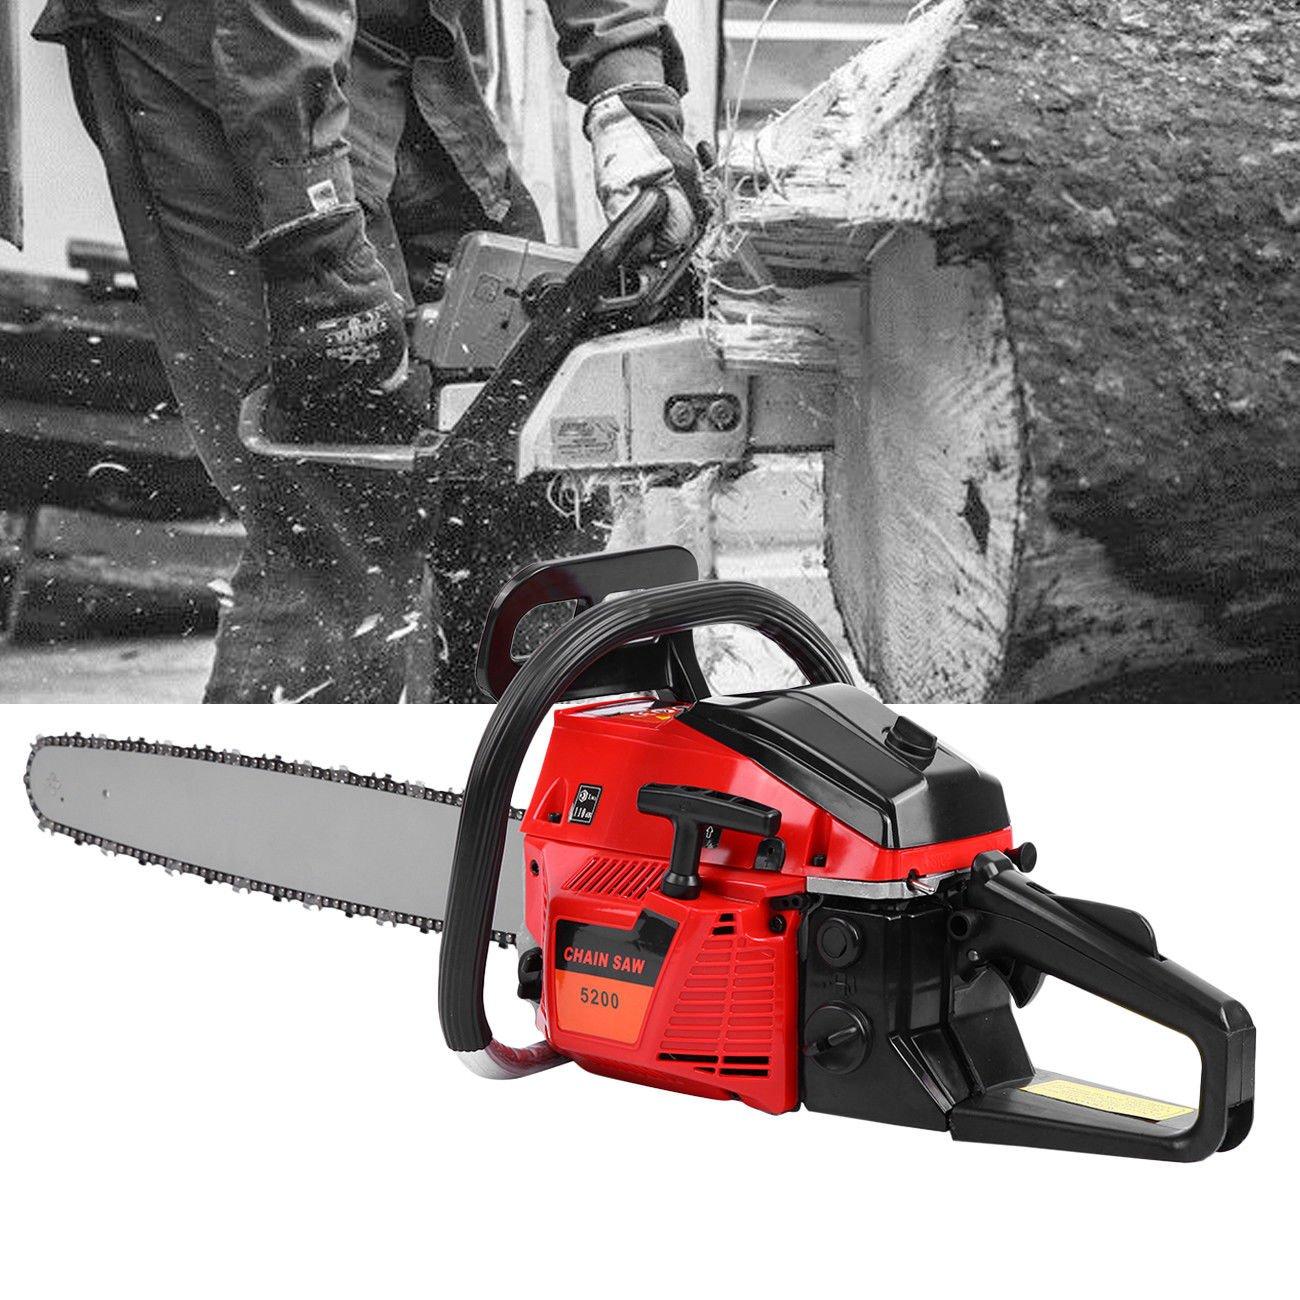 Ridgeyard 22 52CC Professional 2-Stroke Petrol Chainsaw Wood Cutting Gasoline Chainsaw with Aluminum Crankshaft Ridgeyard co .ltd